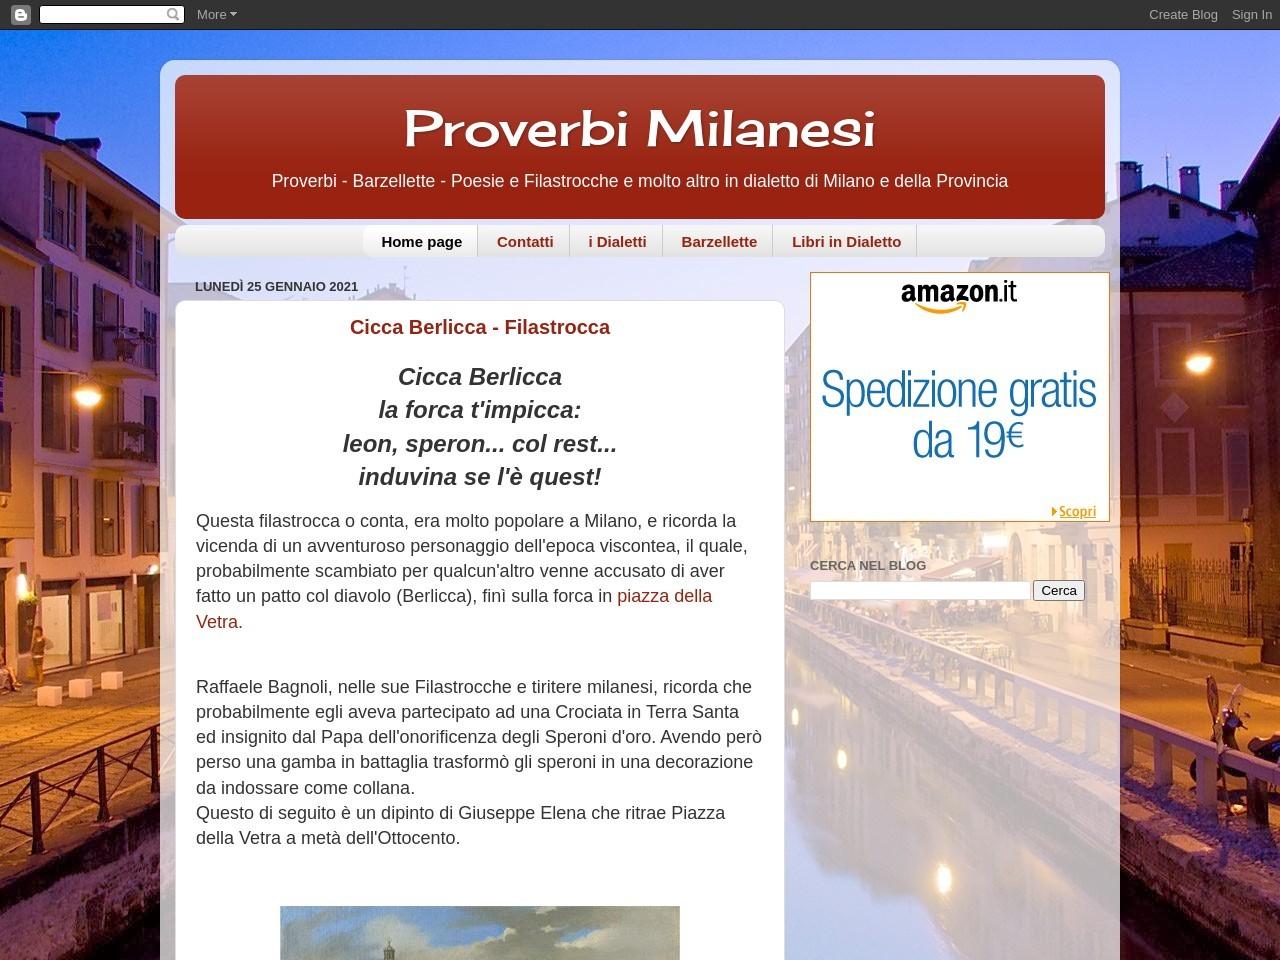 proverbi-milanesi